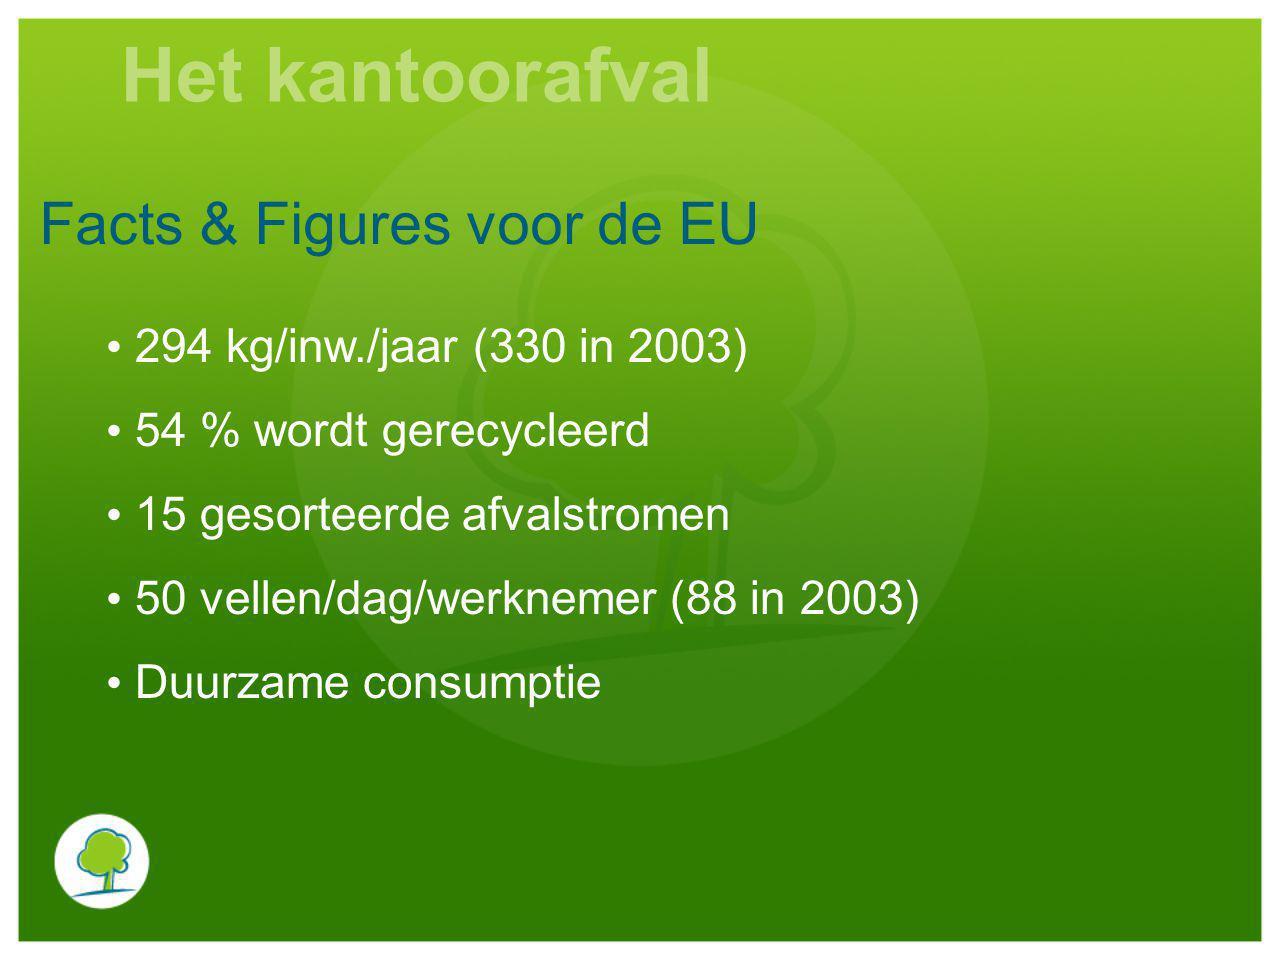 Facts & Figures voor de EU 294 kg/inw./jaar (330 in 2003) 54 % wordt gerecycleerd 15 gesorteerde afvalstromen 50 vellen/dag/werknemer (88 in 2003) Duurzame consumptie Het kantoorafval